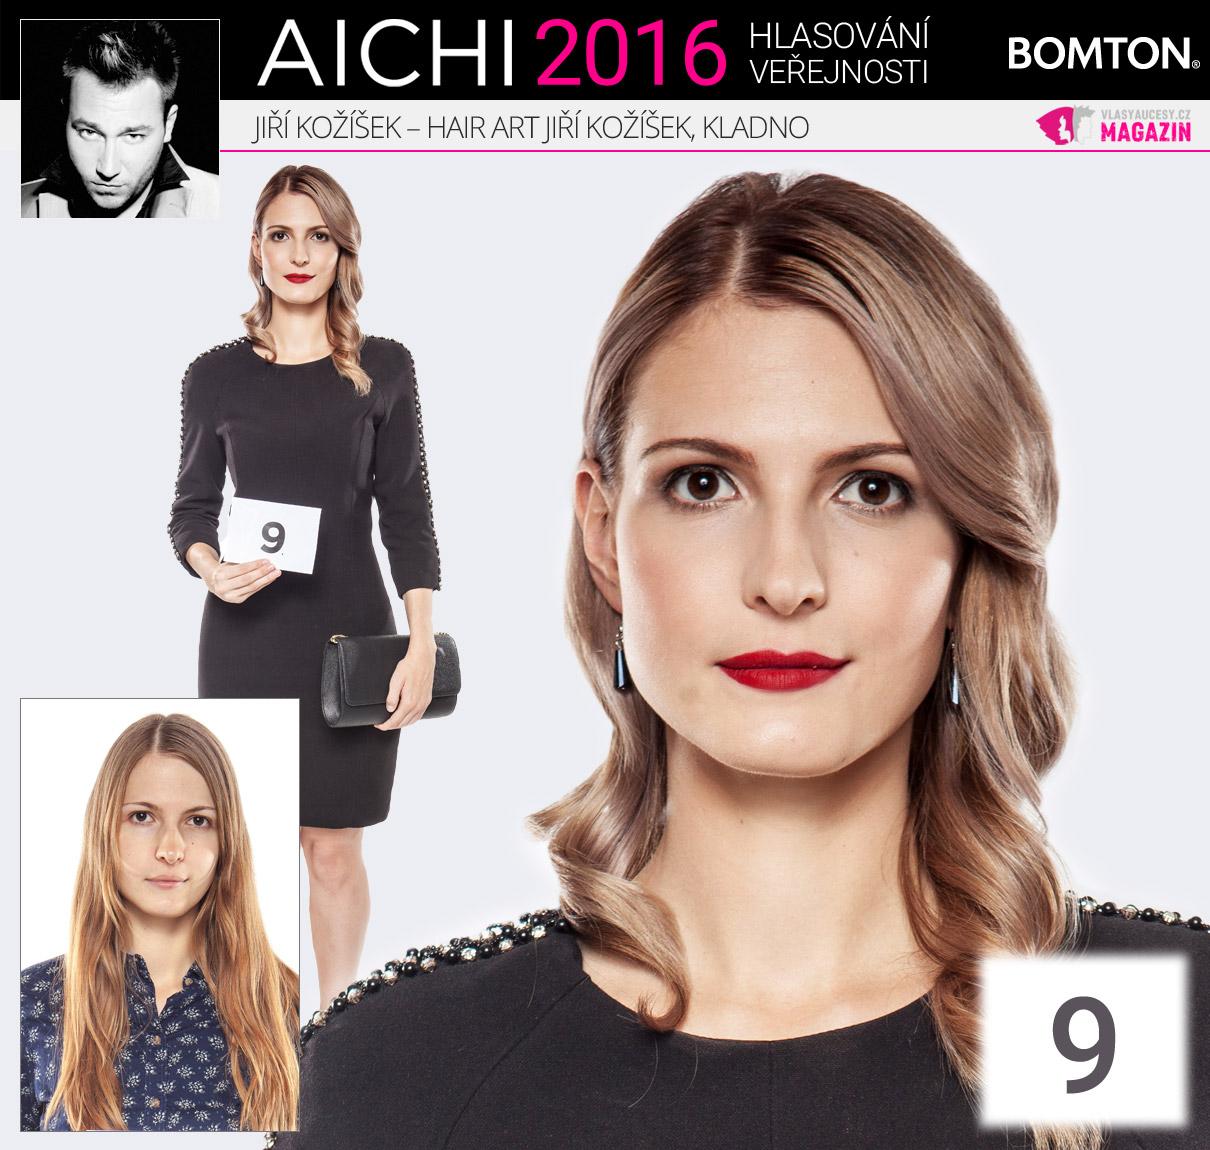 Finálová proměna AICHI 2016: Jiří Kožíšek, Hair Art Jiří Kožíšek, Kladno